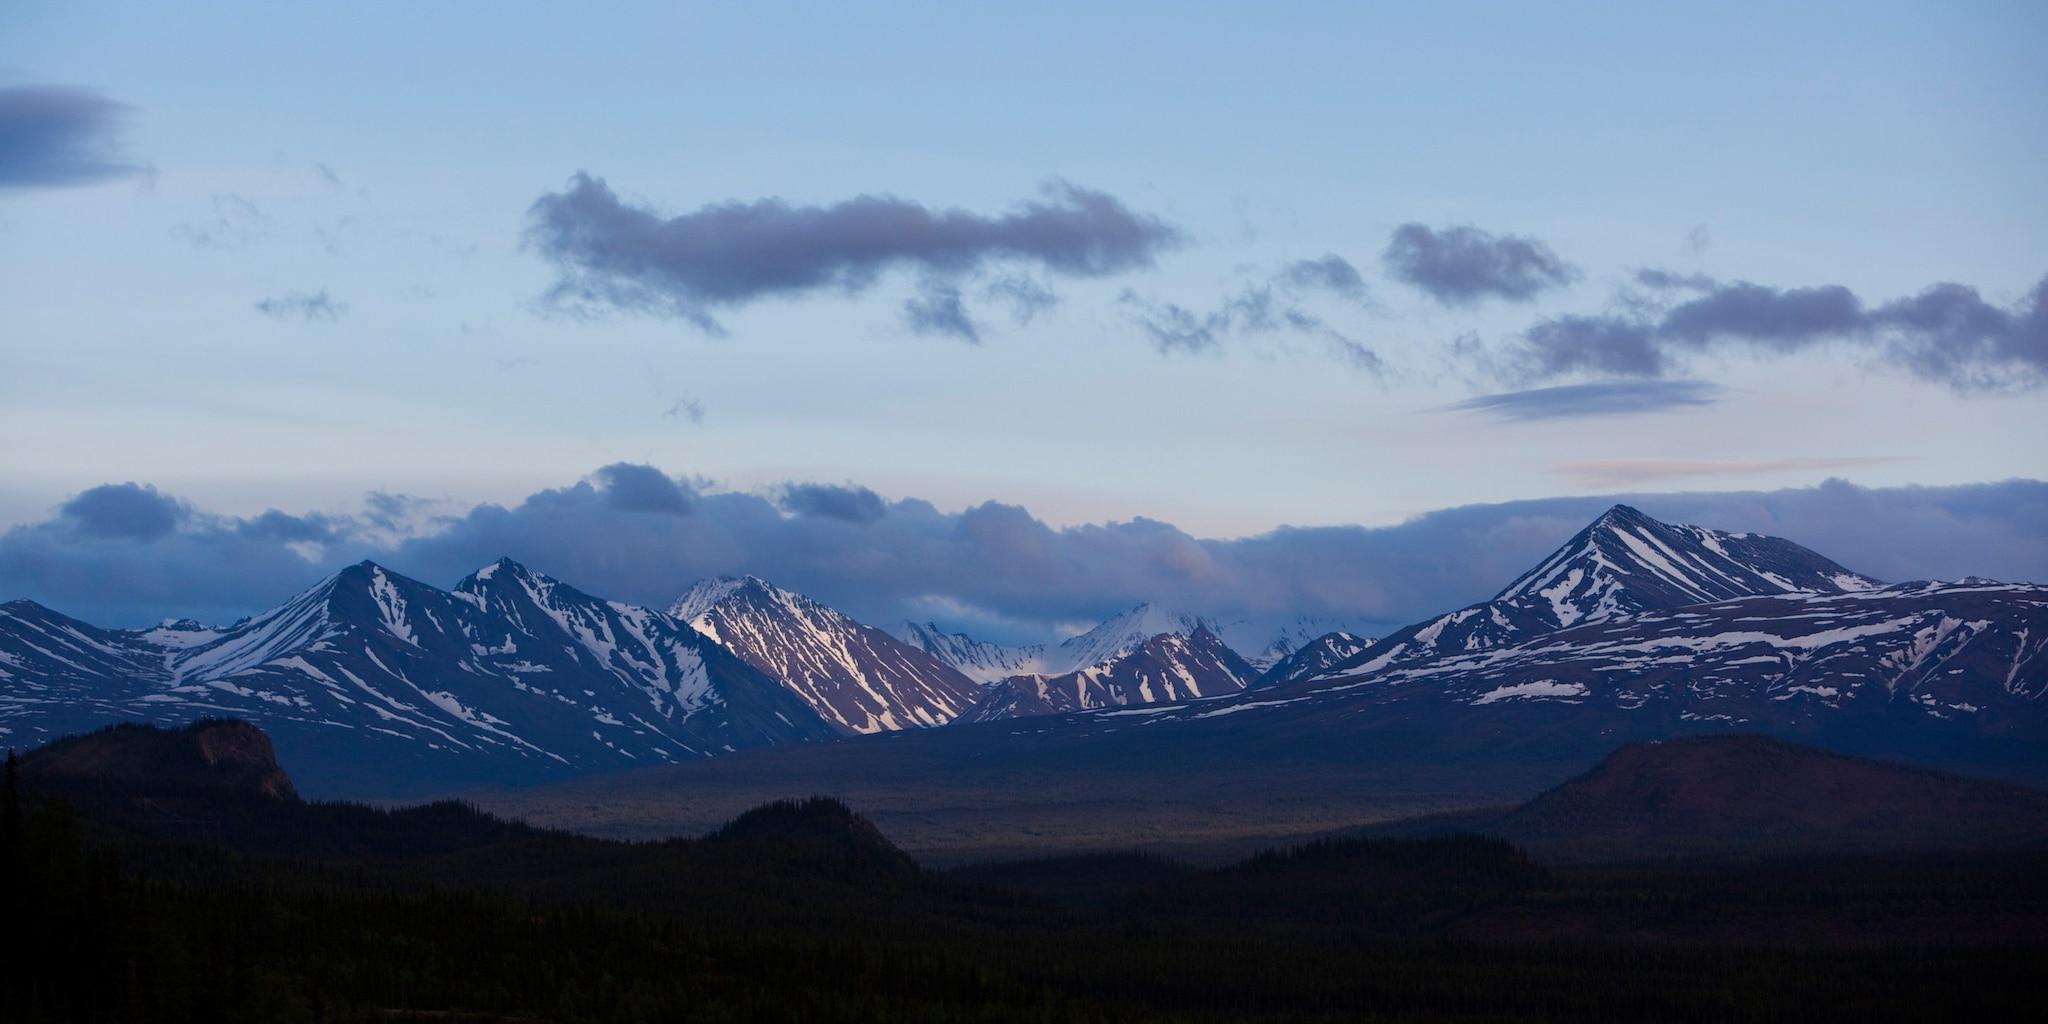 Alaska's scenic mountain range at sunset